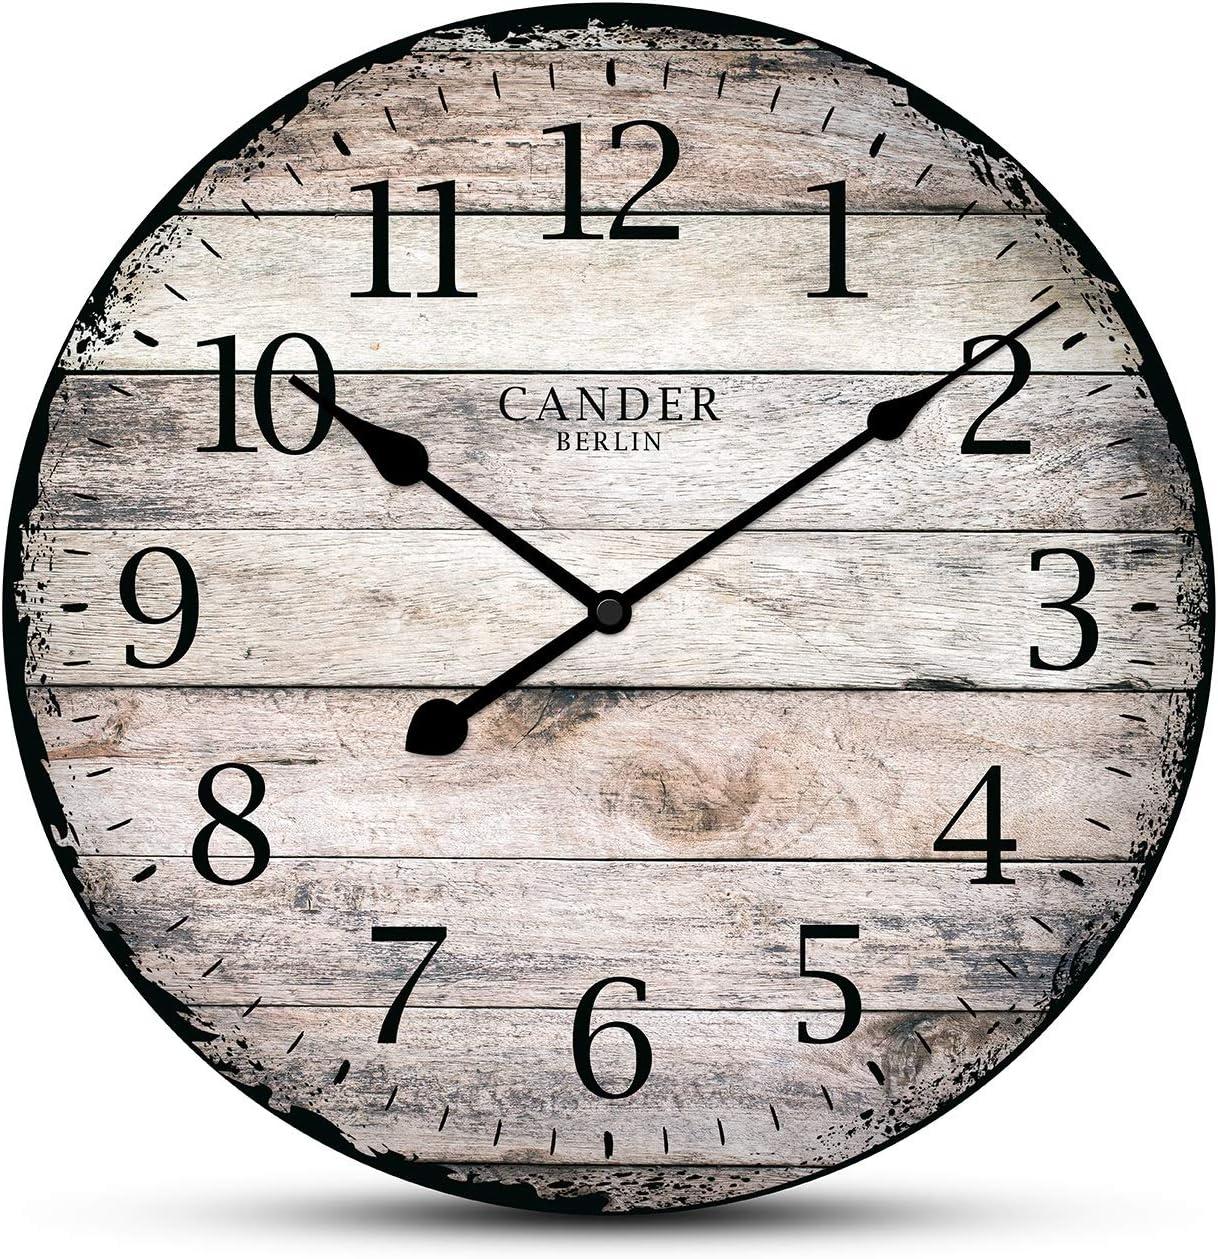 Cander Berlin MNU 7330Vintage Reloj de Pared de MDF con Silencioso de Reloj–Diámetro 30,5cm–no nerviges Tic TAC